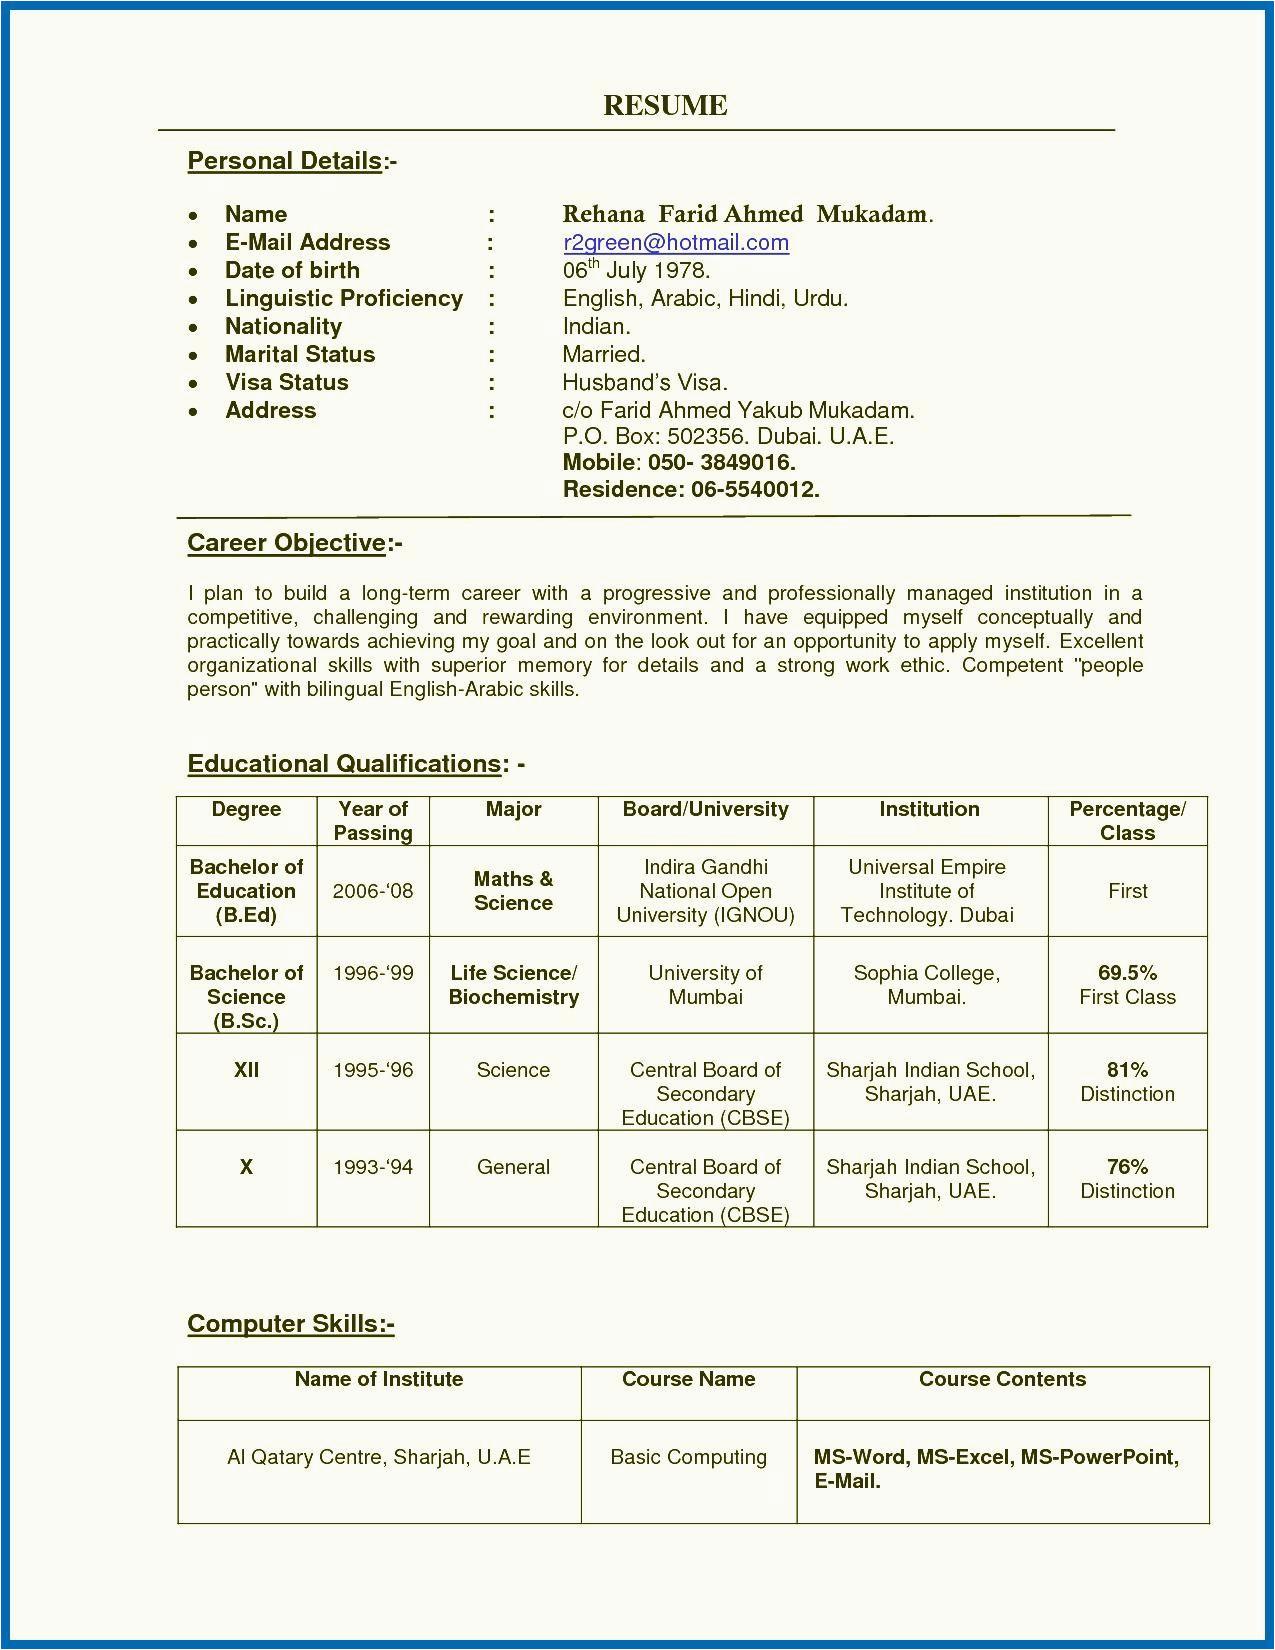 Sample Resume for School Teacher India Resume Of A Teacher India Teachers Resume format India